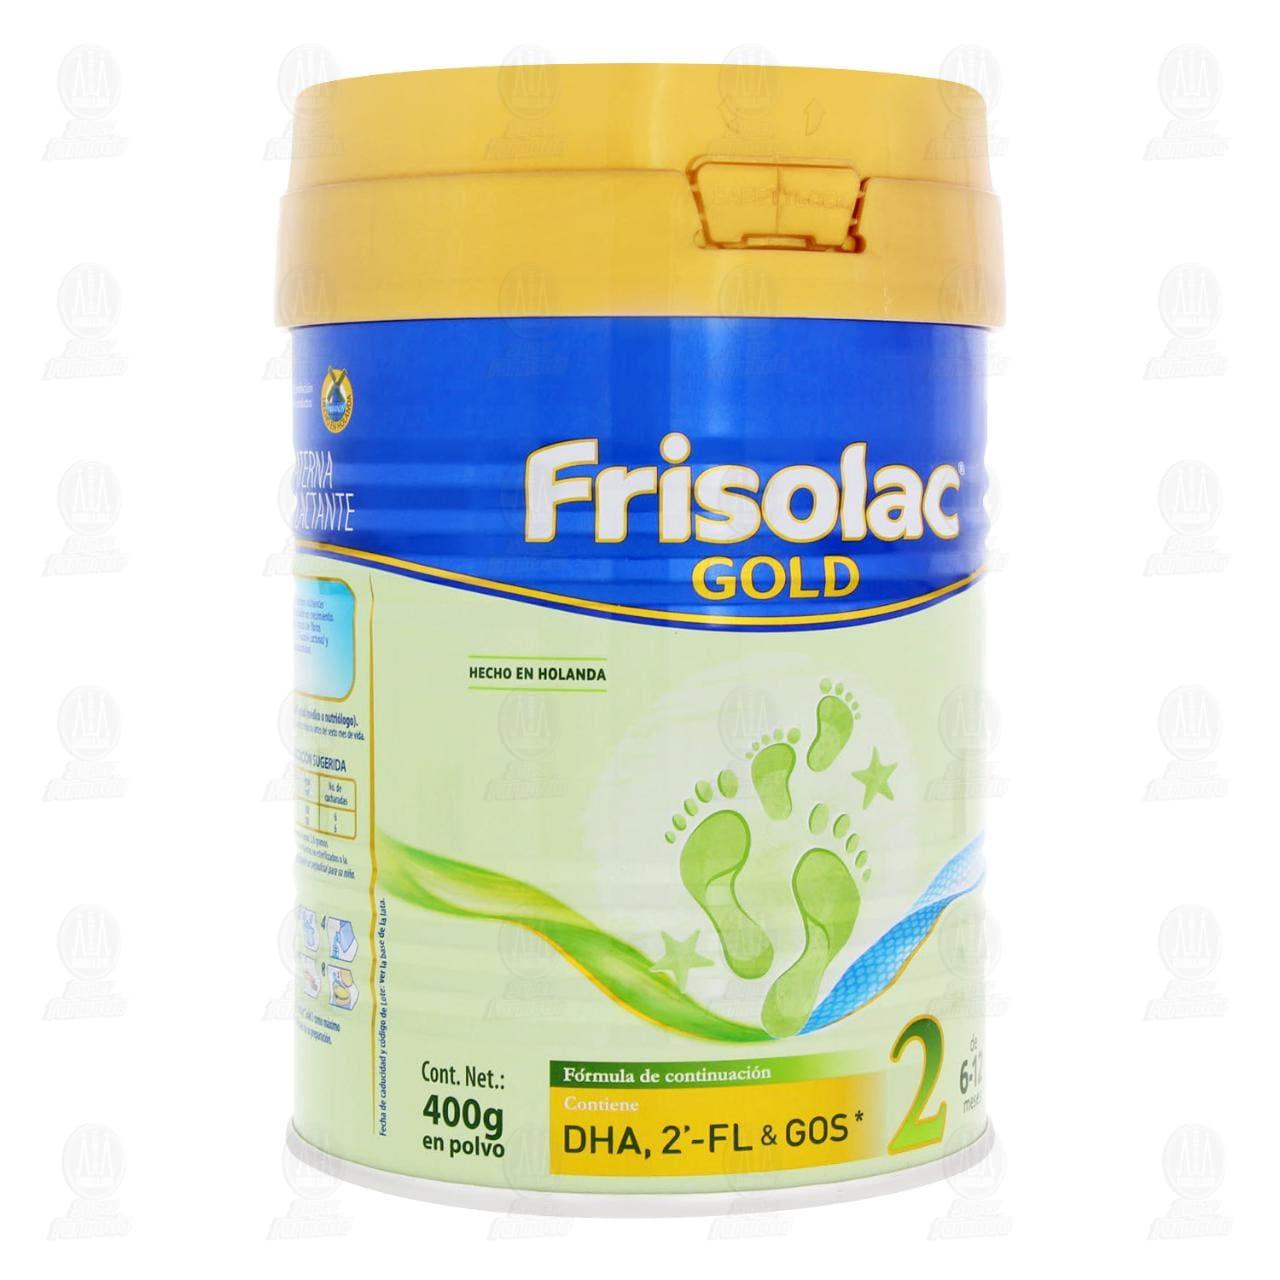 comprar https://www.movil.farmaciasguadalajara.com/wcsstore/FGCAS/wcs/products/1060147_A_1280_AL.jpg en farmacias guadalajara